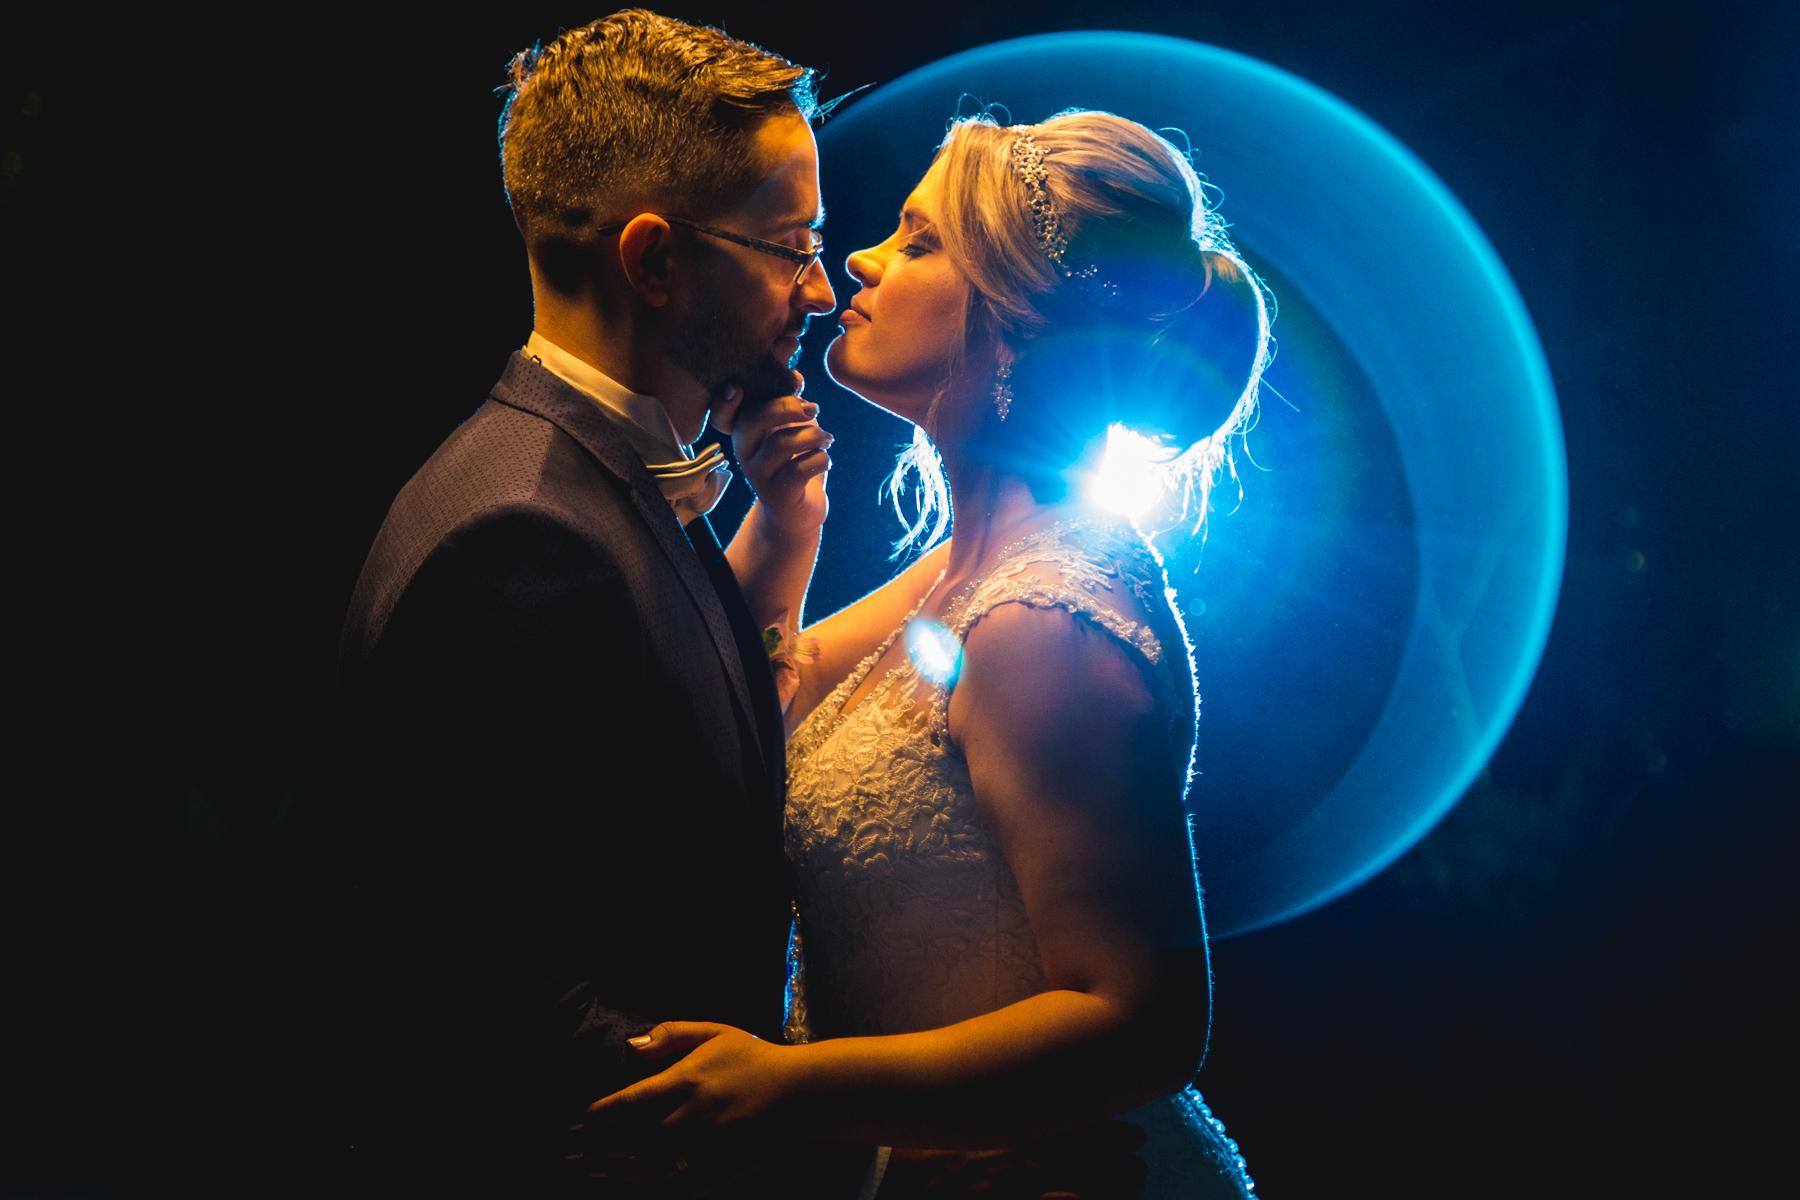 Contate Fotógrafo de Casamento José Neto - São Paulo - SP